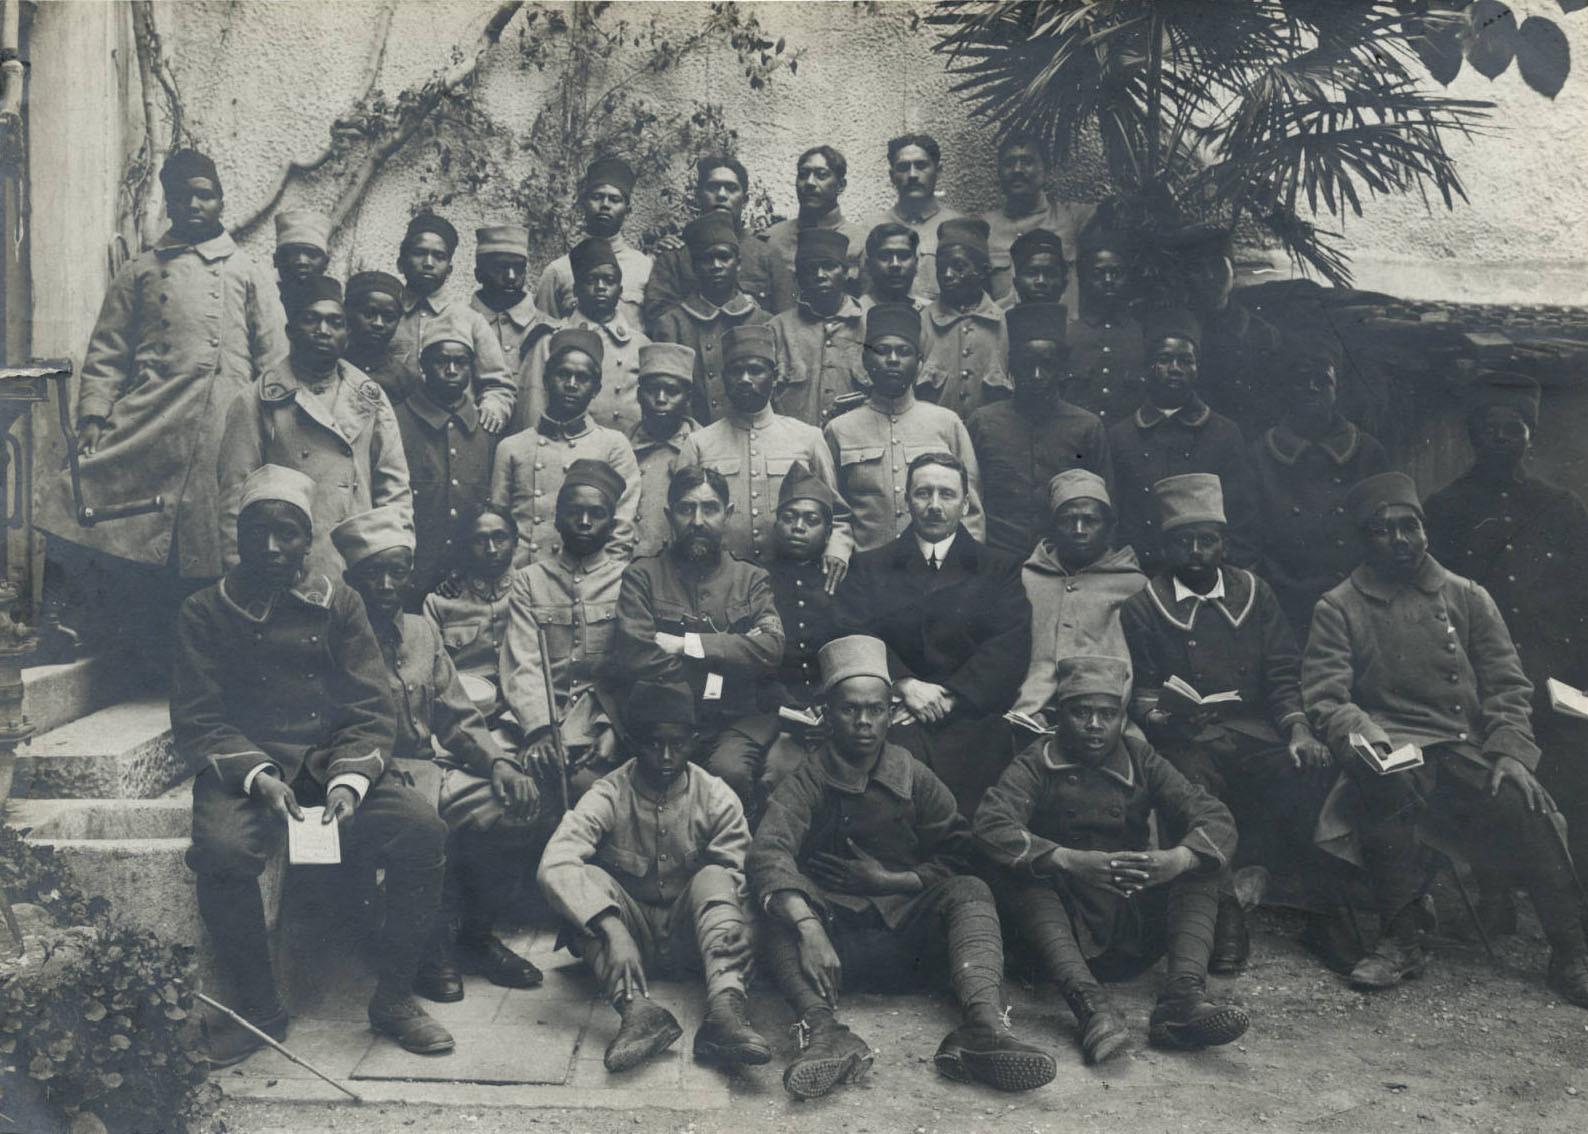 Soldats natifs de Tahiti, Madagascar et de Nouvelle Calédonie avec le Révérend Matossi à Menton (1917/1918)